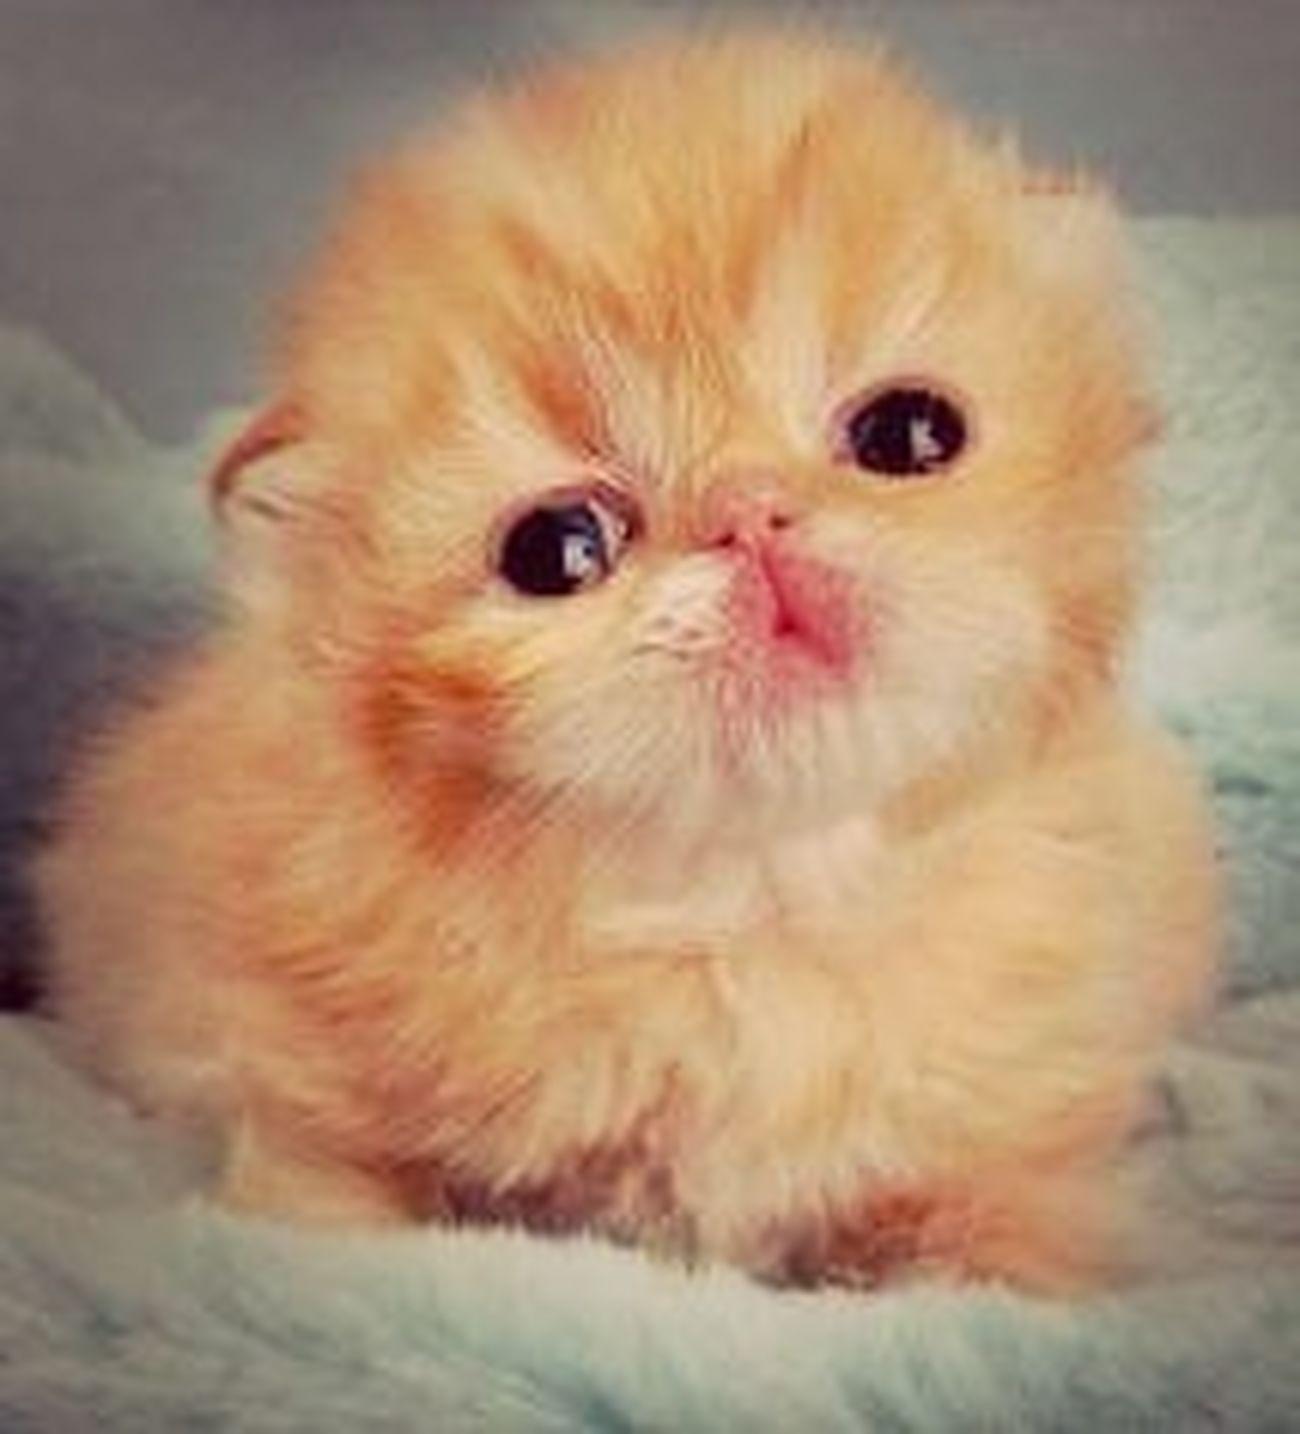 Beutiful Kitten